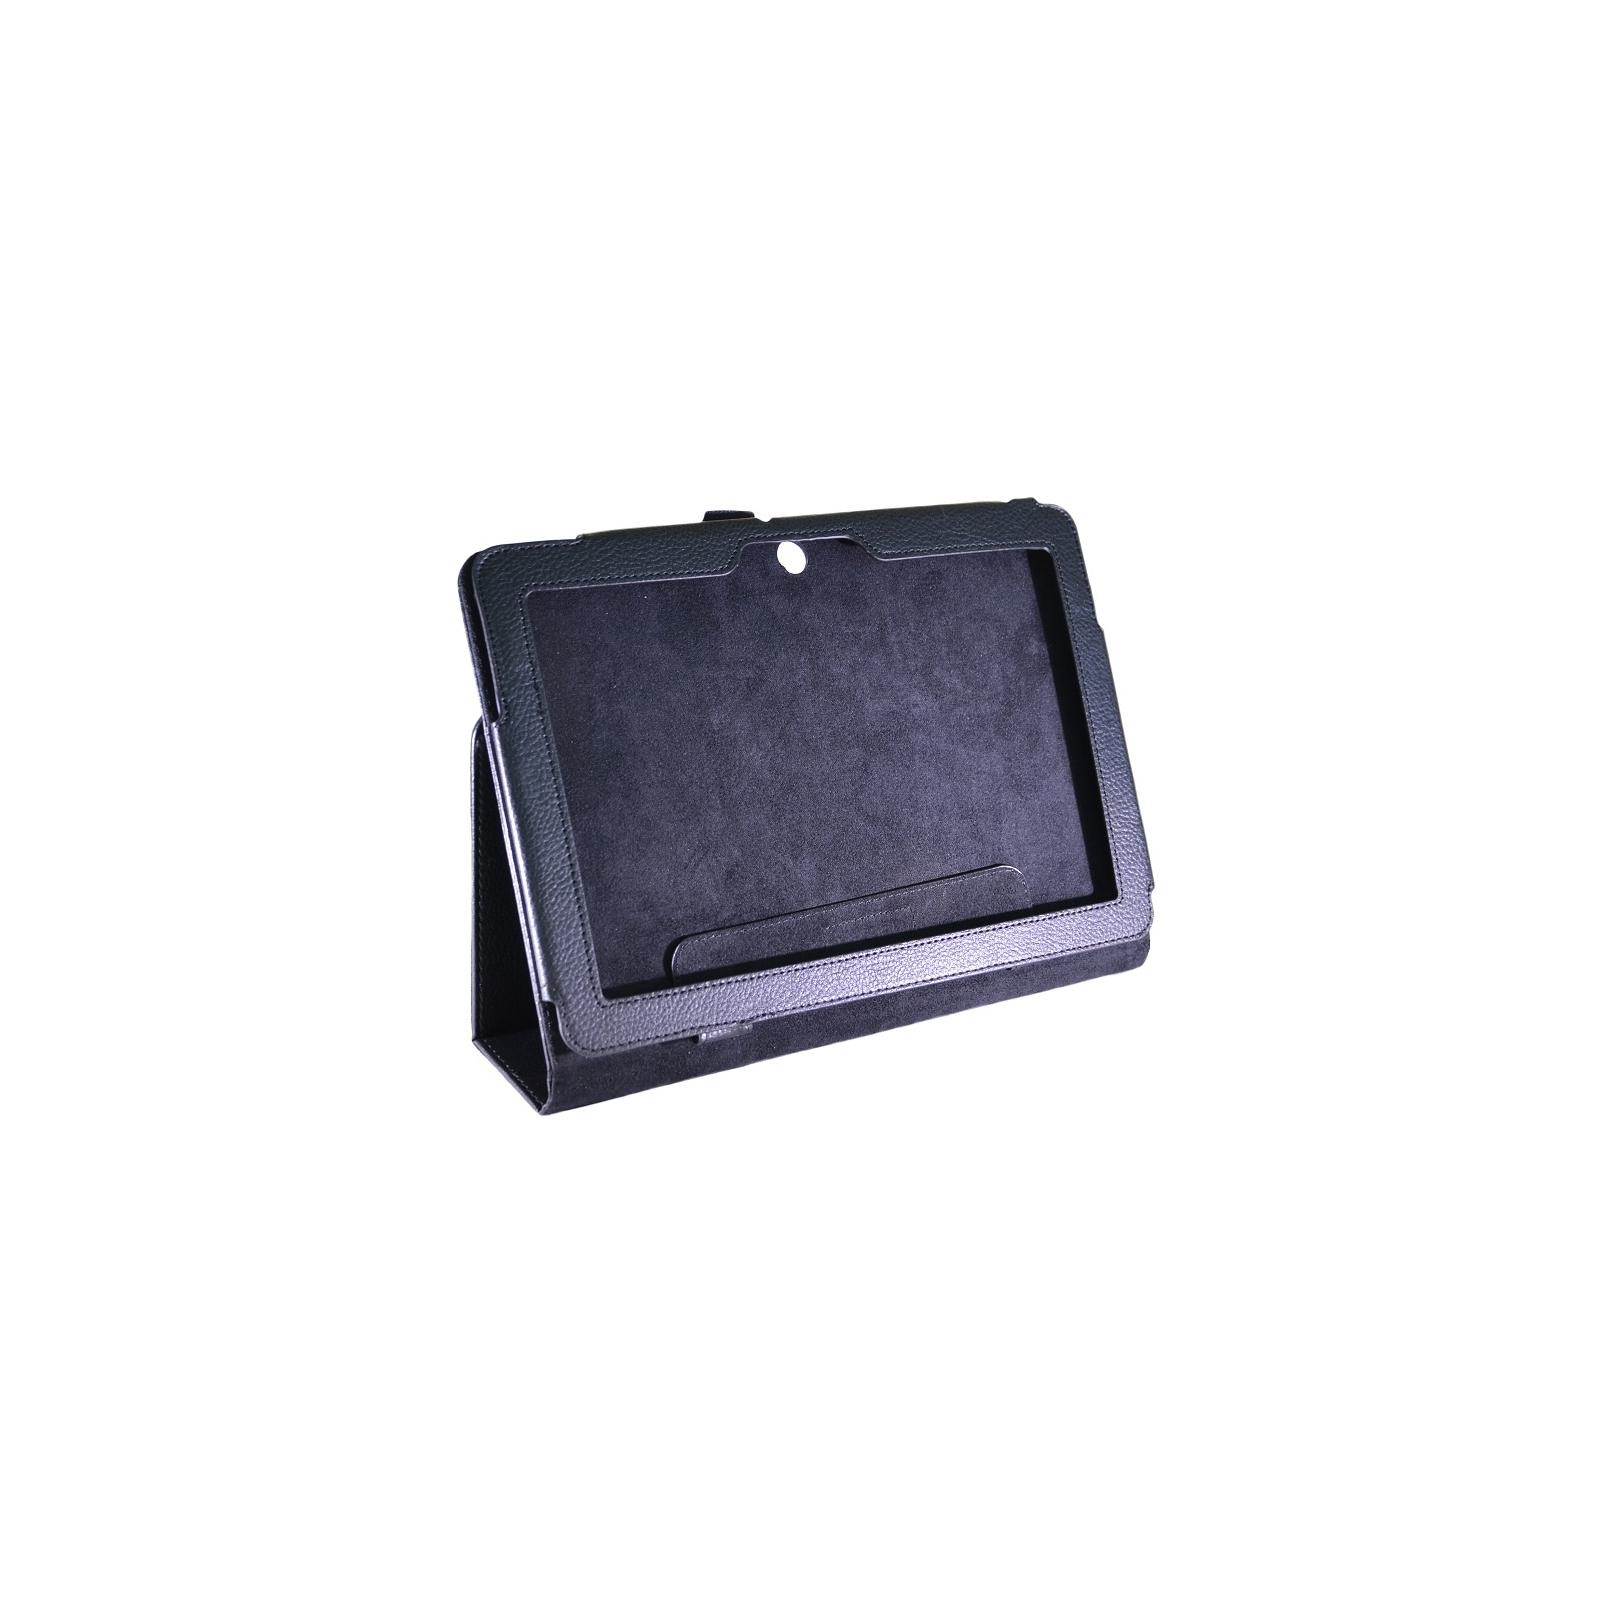 """Чехол для планшета Pro-case 10,1"""" Asus TF103 Black (TF103b) изображение 3"""